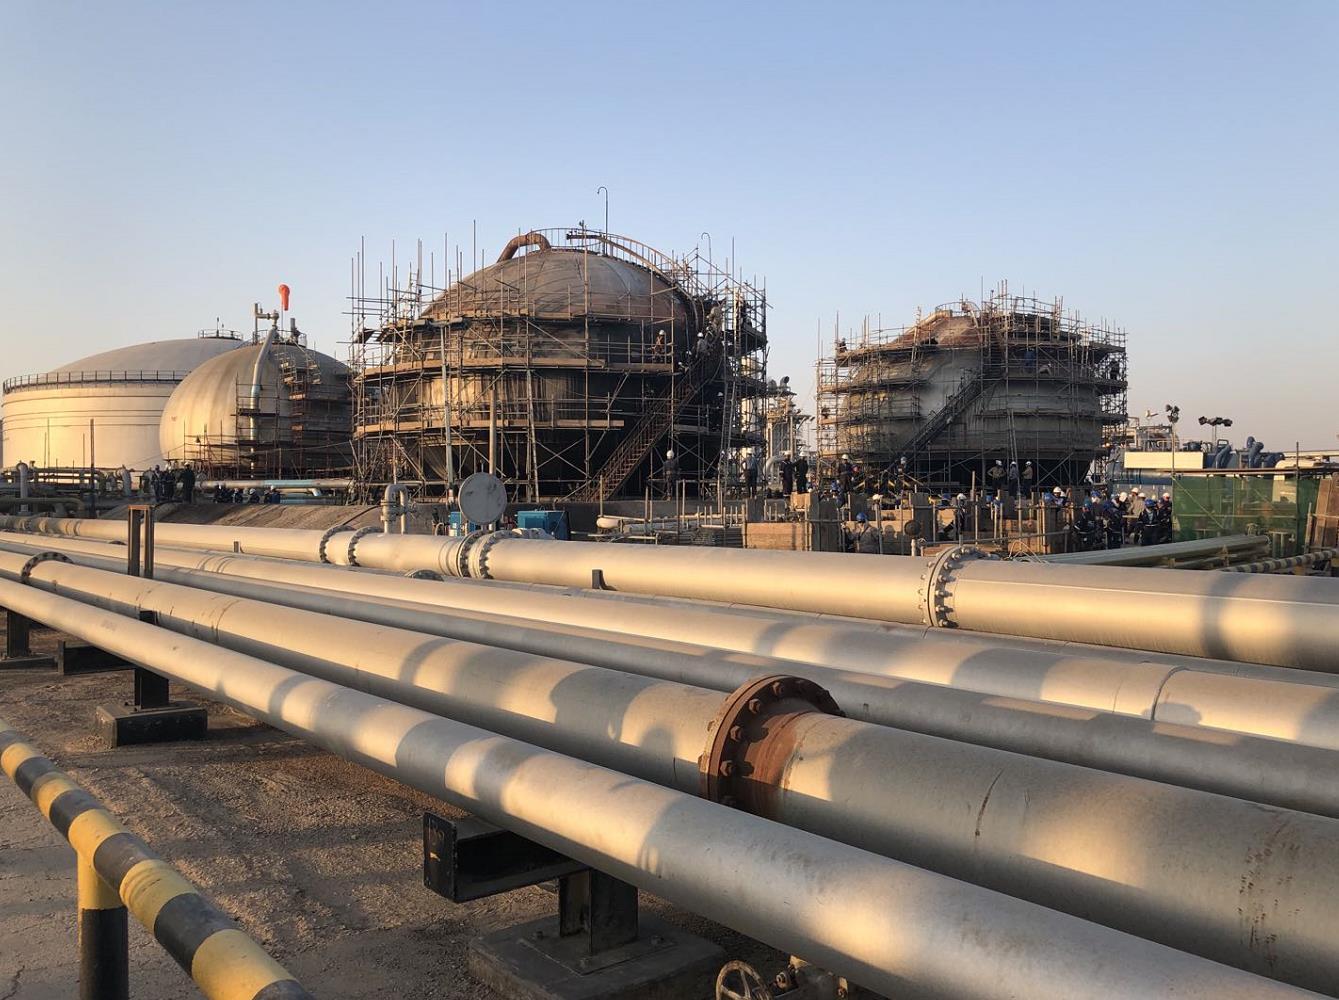 沙特西部一石油设施遭遇导弹袭击引发火灾